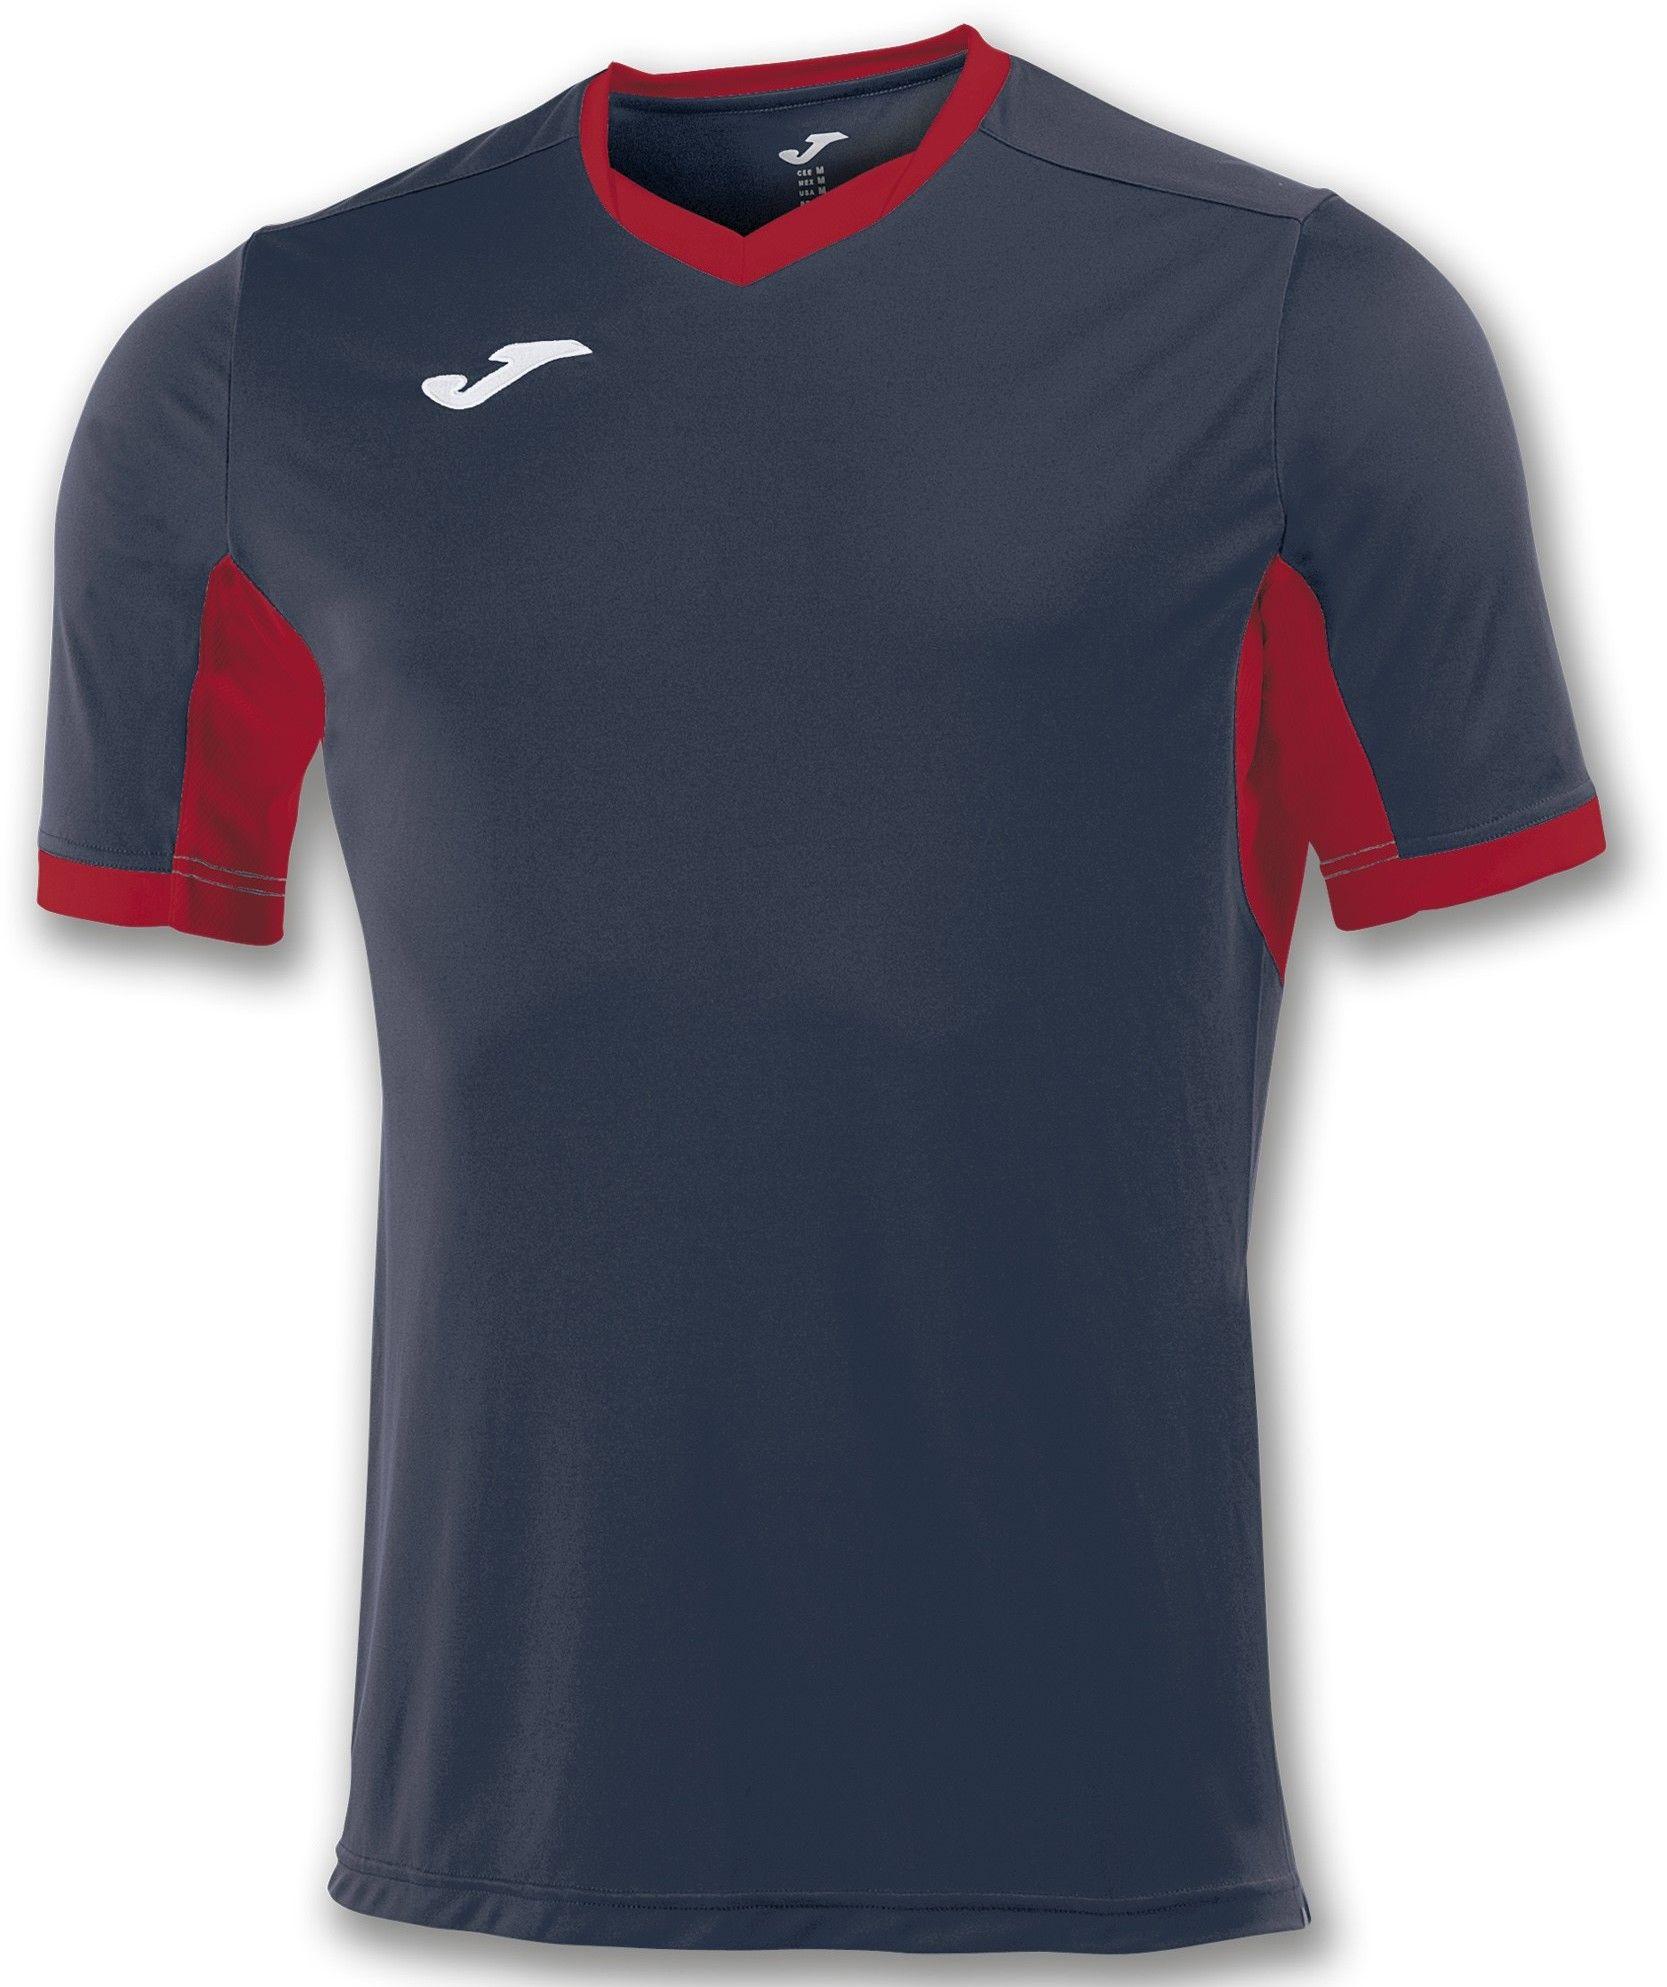 Koszulka Joma Champion IV dark navy/red (10 szt.)